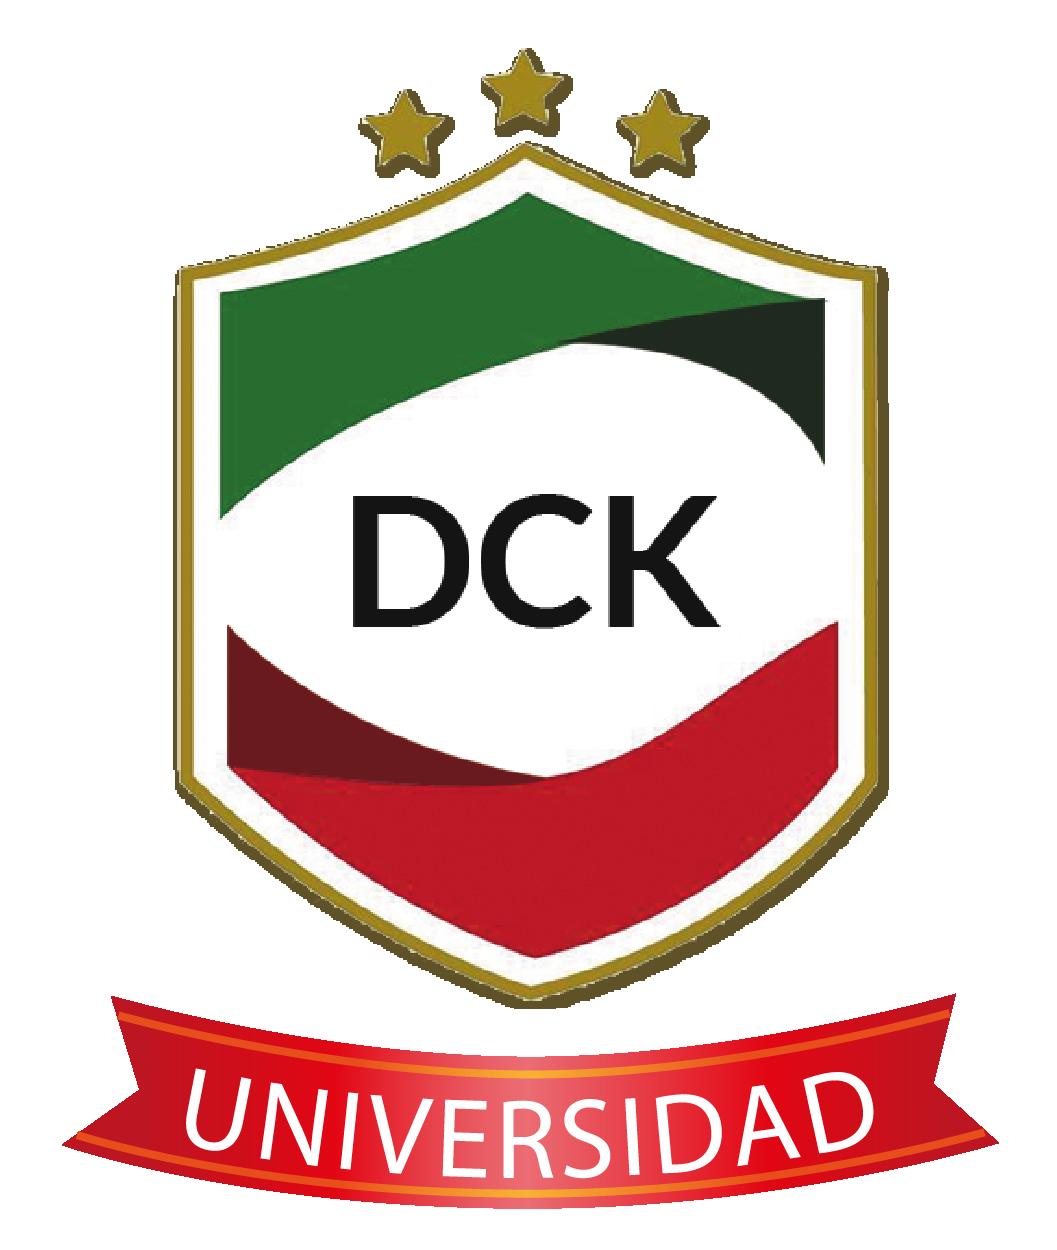 Universidad DCK